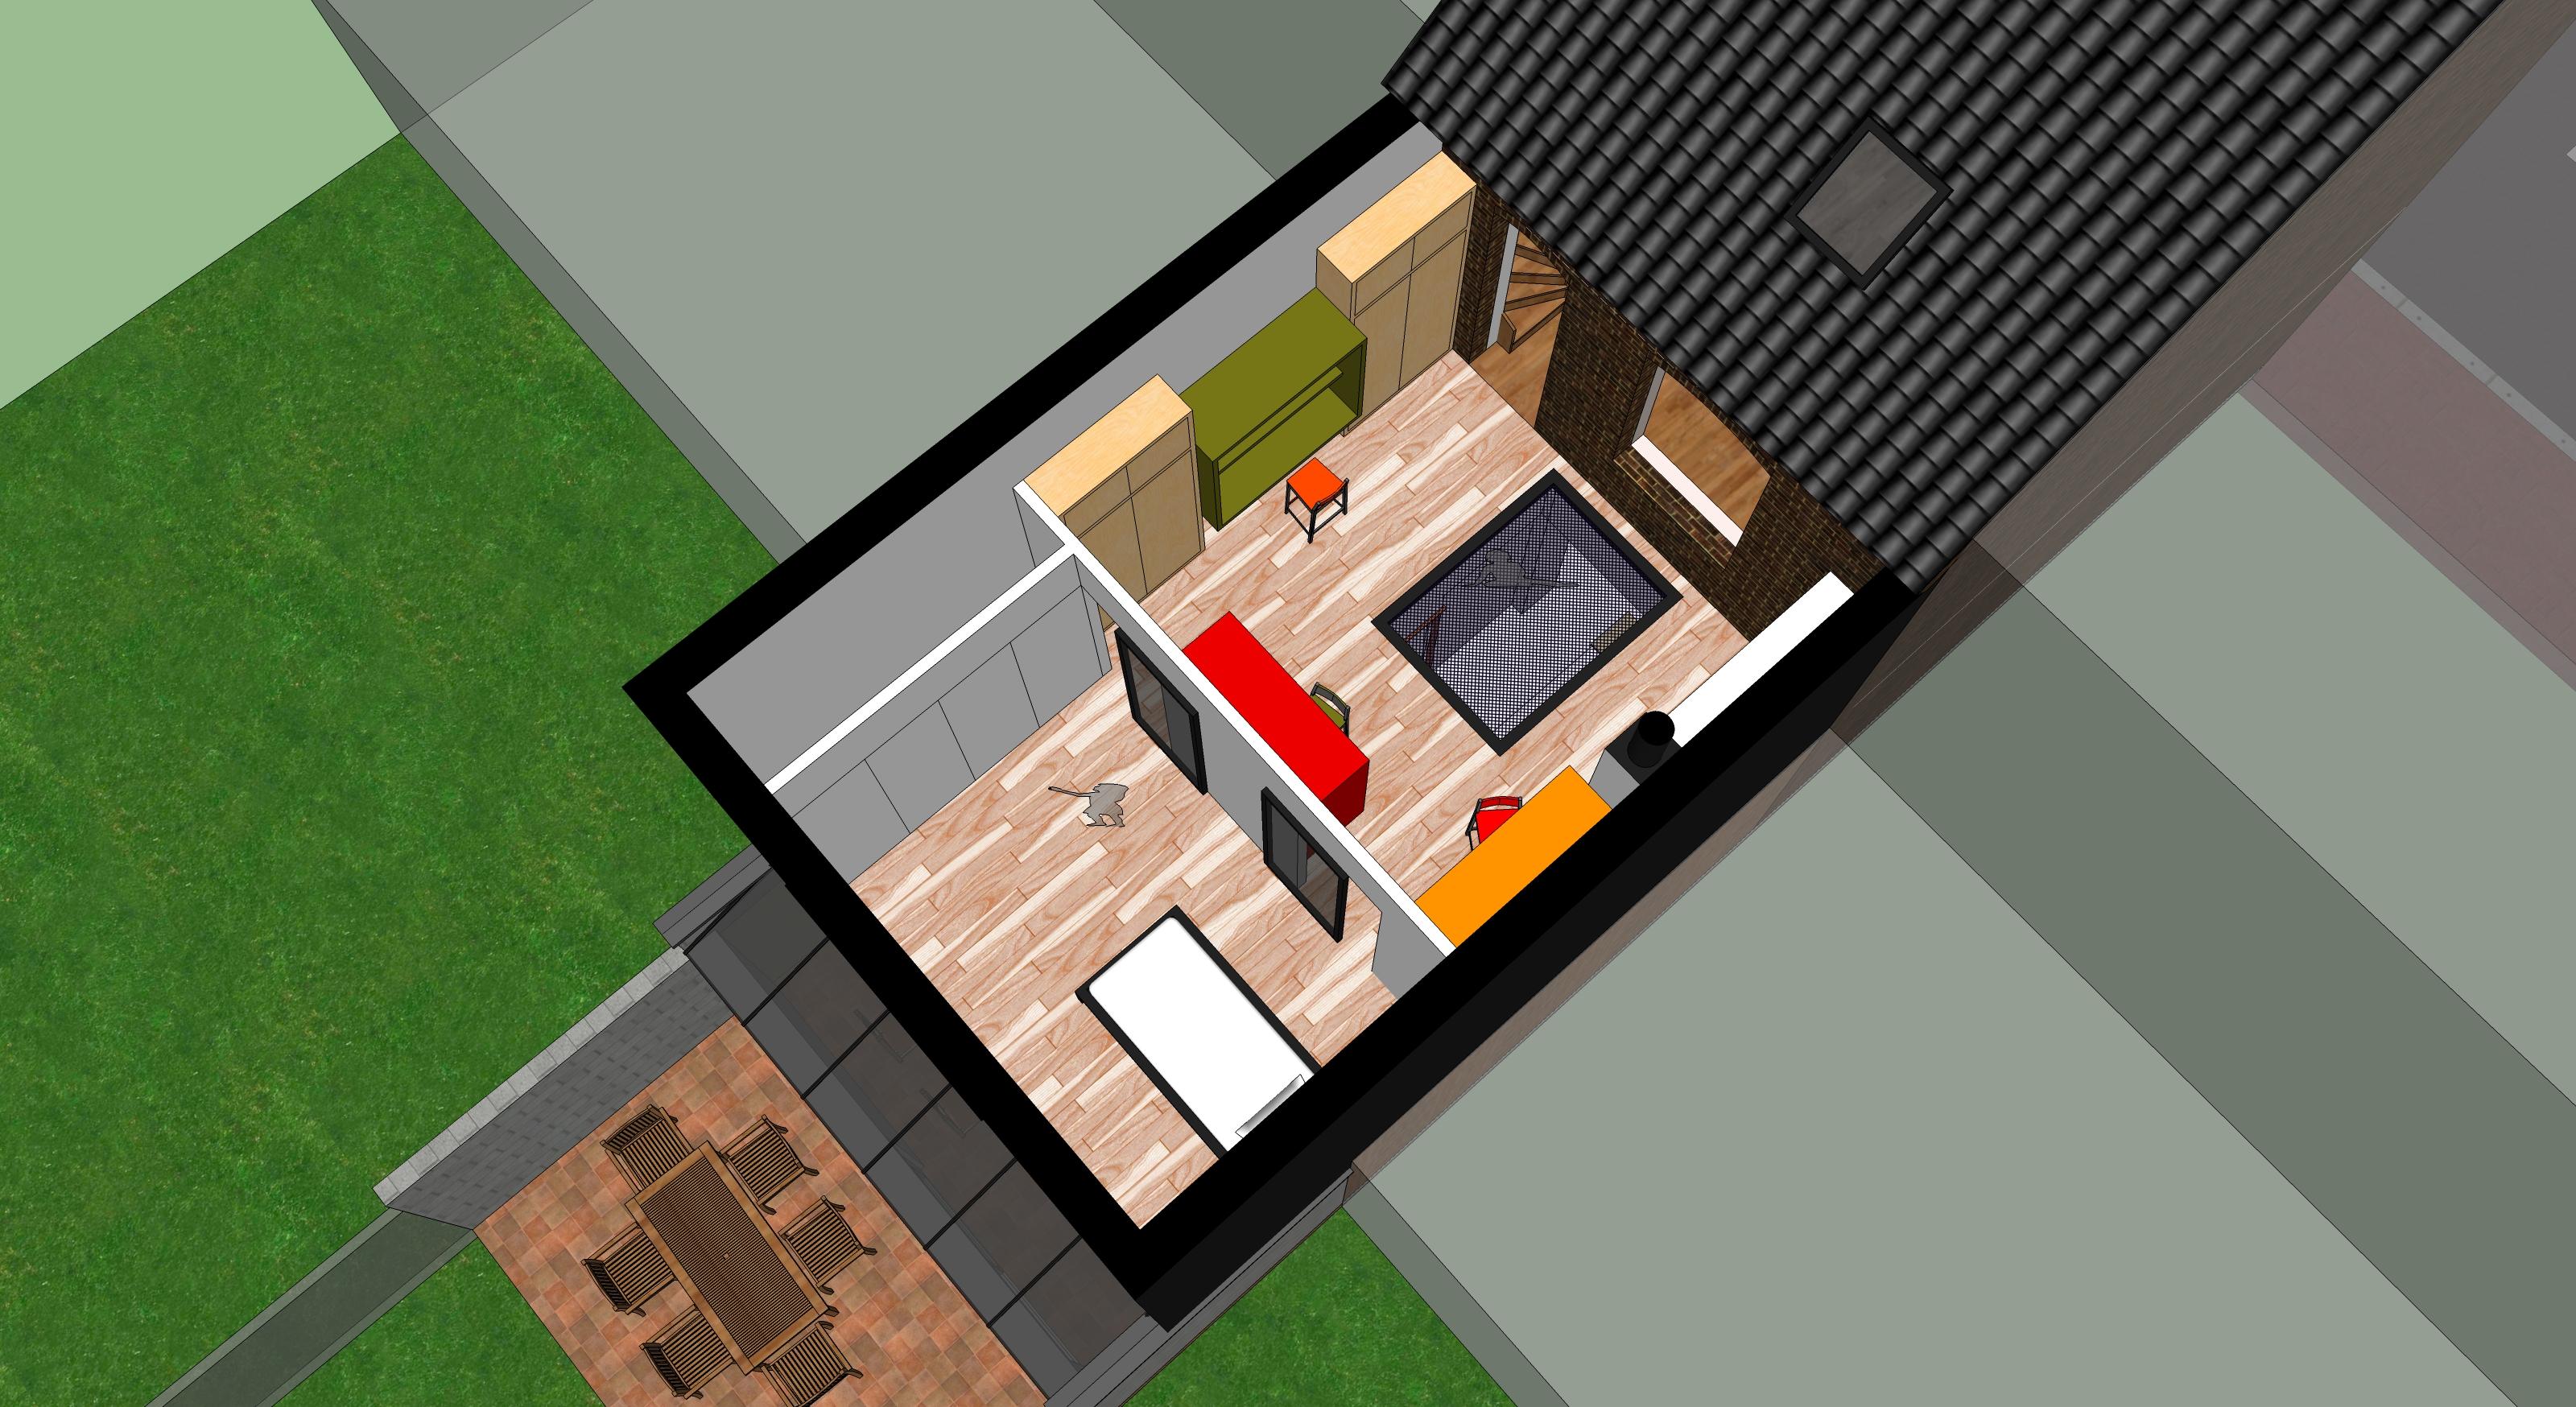 3D-MONFRONT-PROJET-V2-19-02-14-vue3